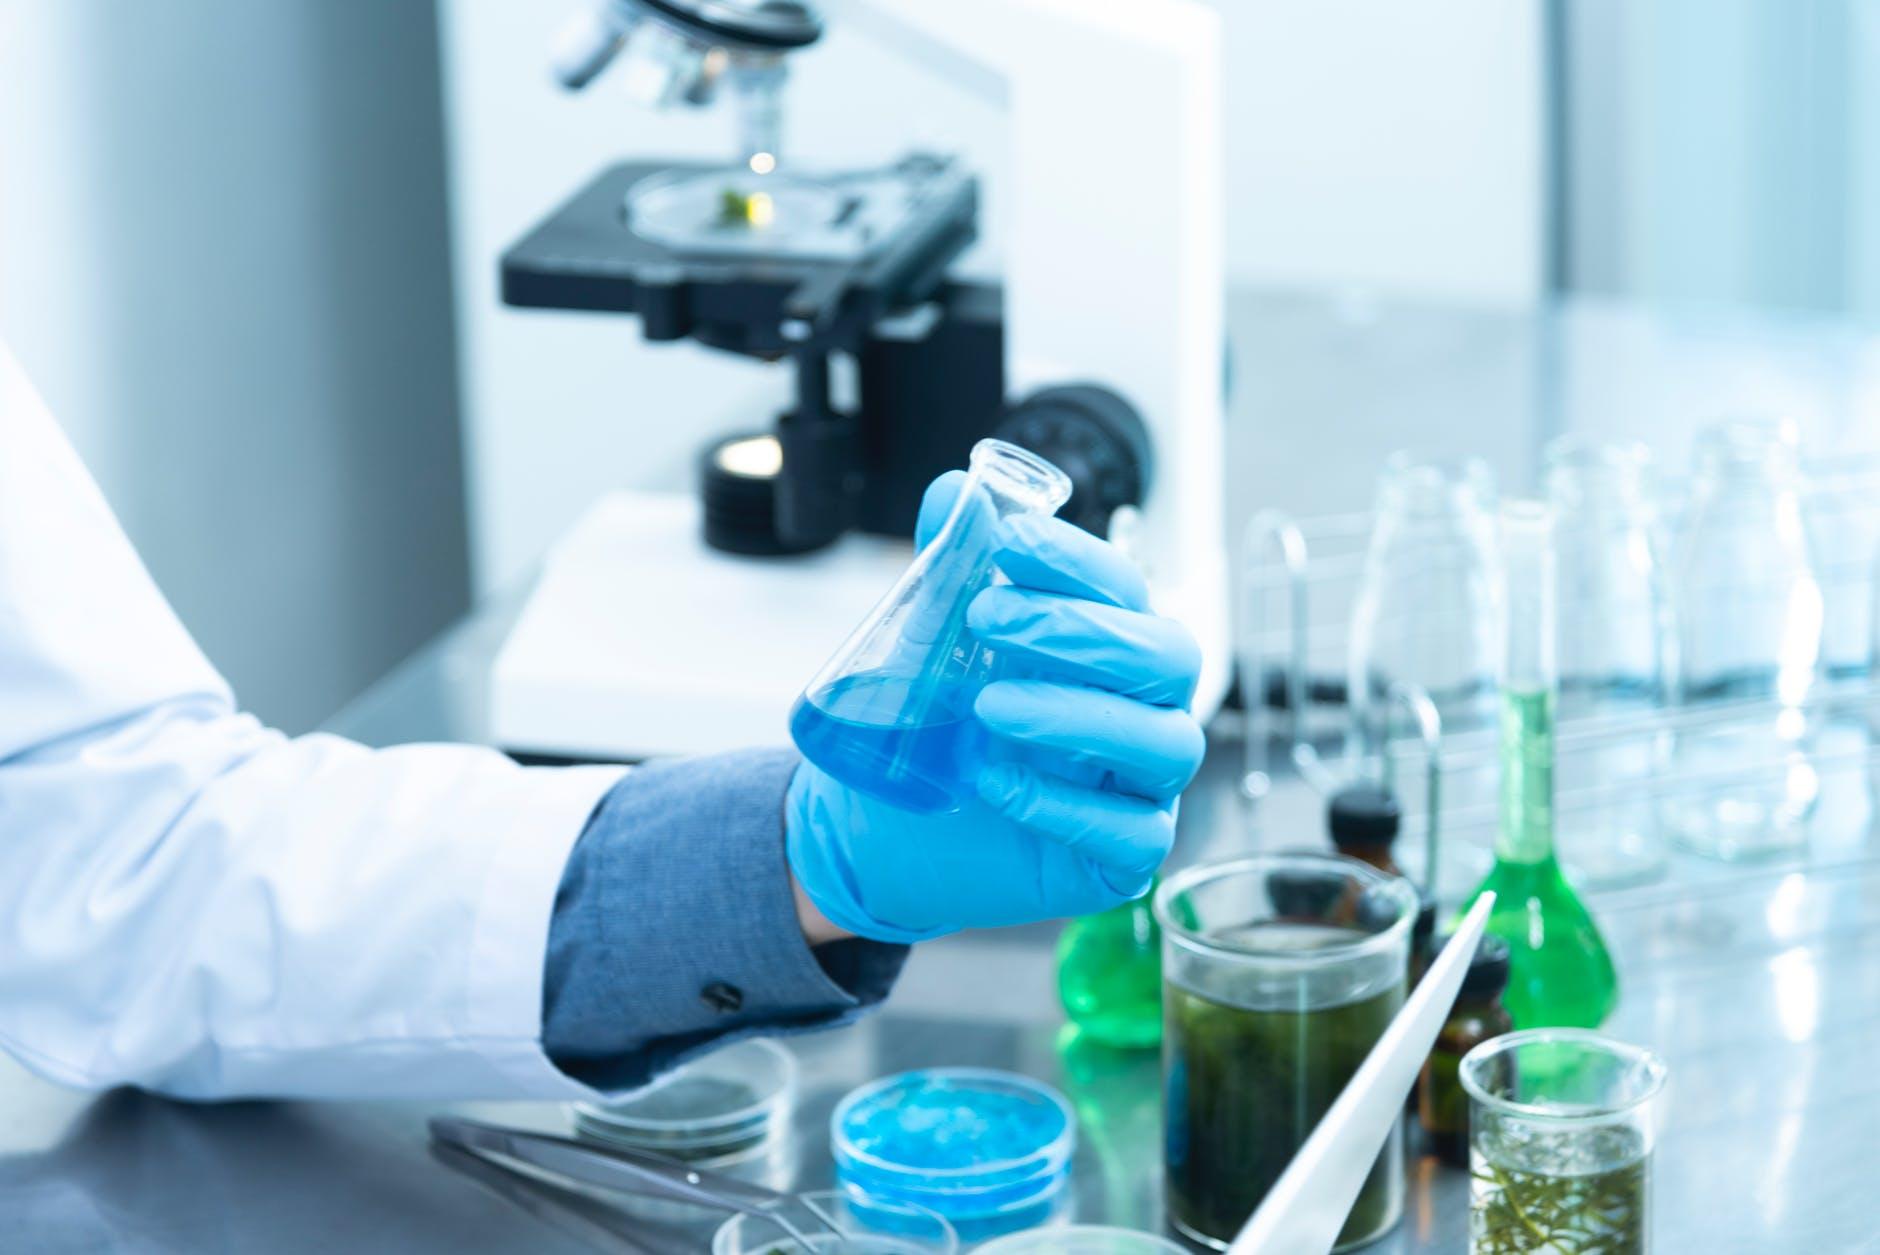 Genómica personal: llega a la Argentina una empresa que revela la historia que hay detrás de tu ADN